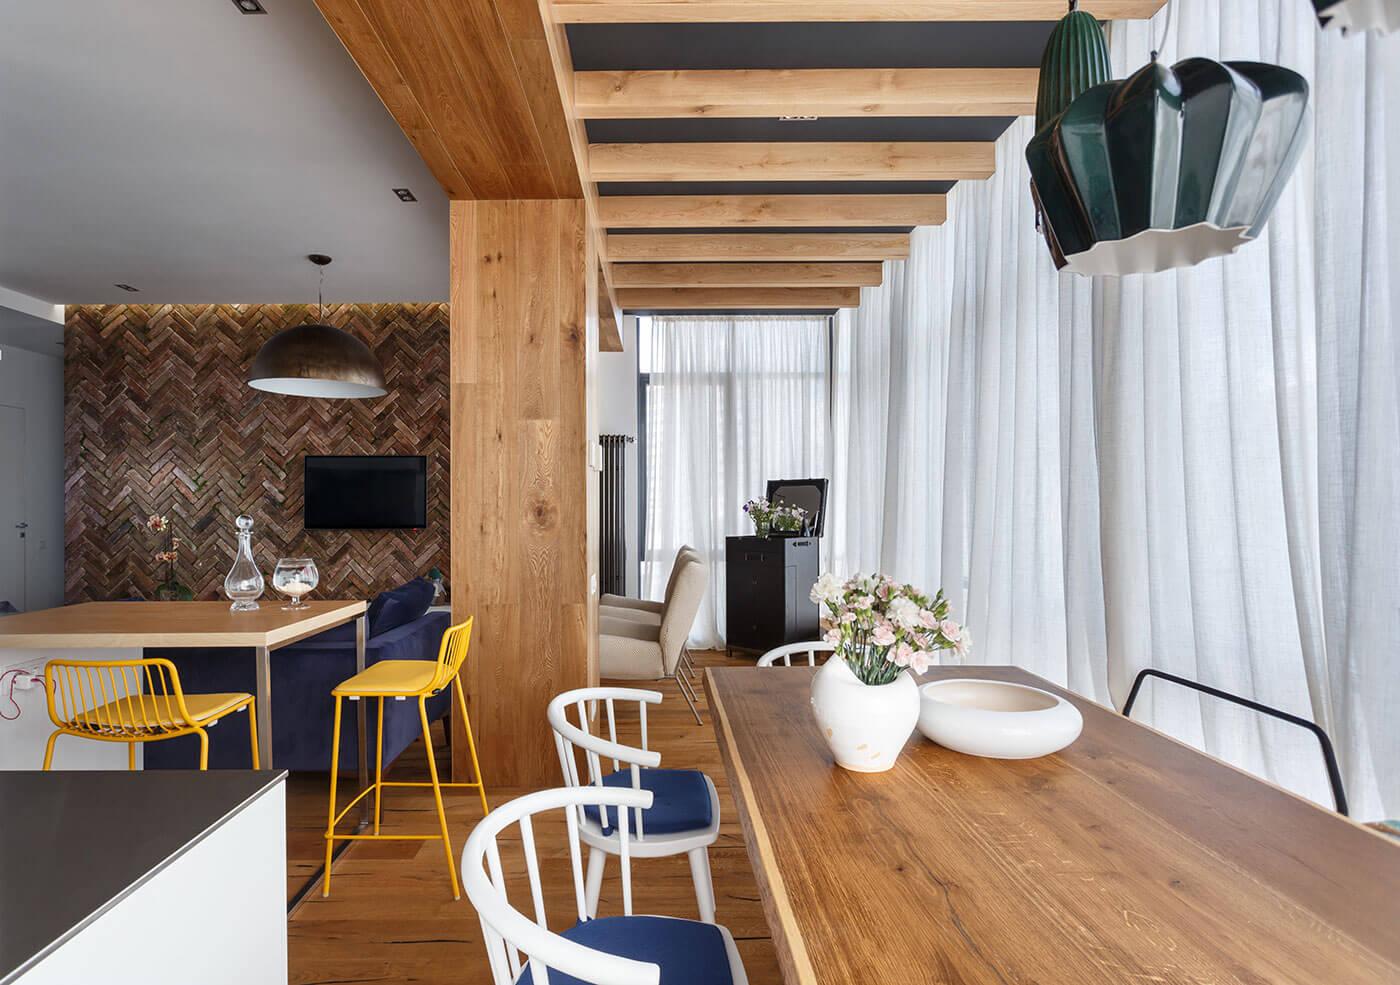 ایده های جالب و خلاقانه برای آپارتمان ها + تصاویر